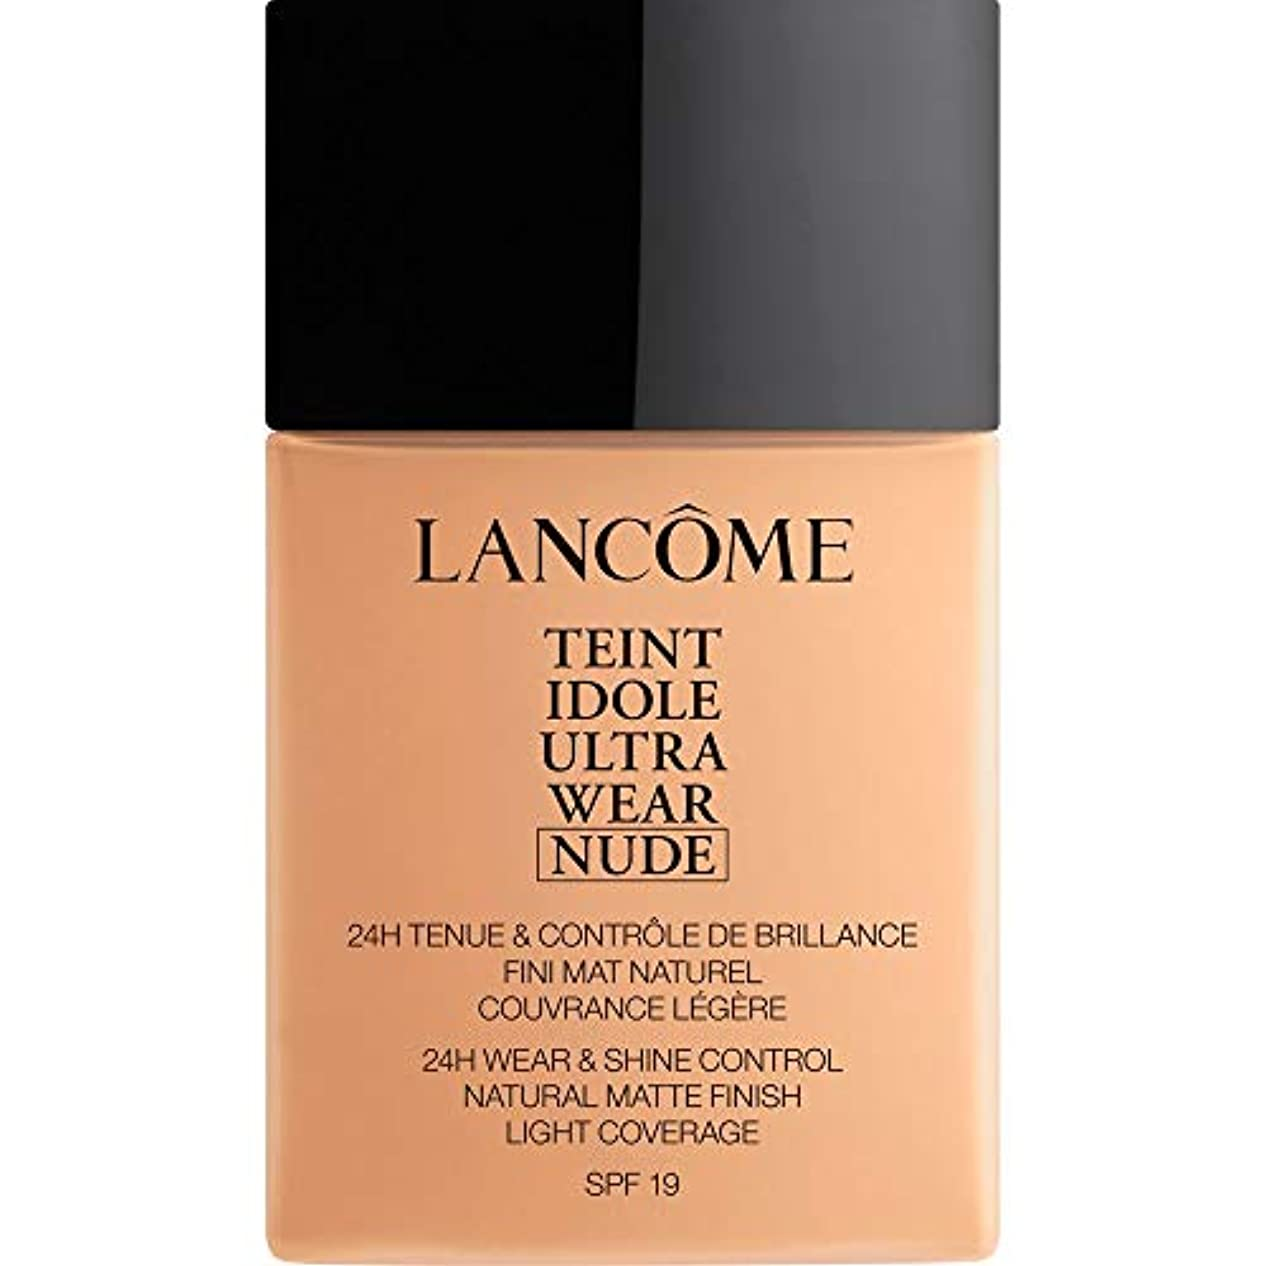 コンパクトプランターフィード[Lanc?me ] ランコムTeintのIdole超摩耗ヌード財団Spf19の40ミリリットル032 - ベージュCendre - Lancome Teint Idole Ultra Wear Nude Foundation...